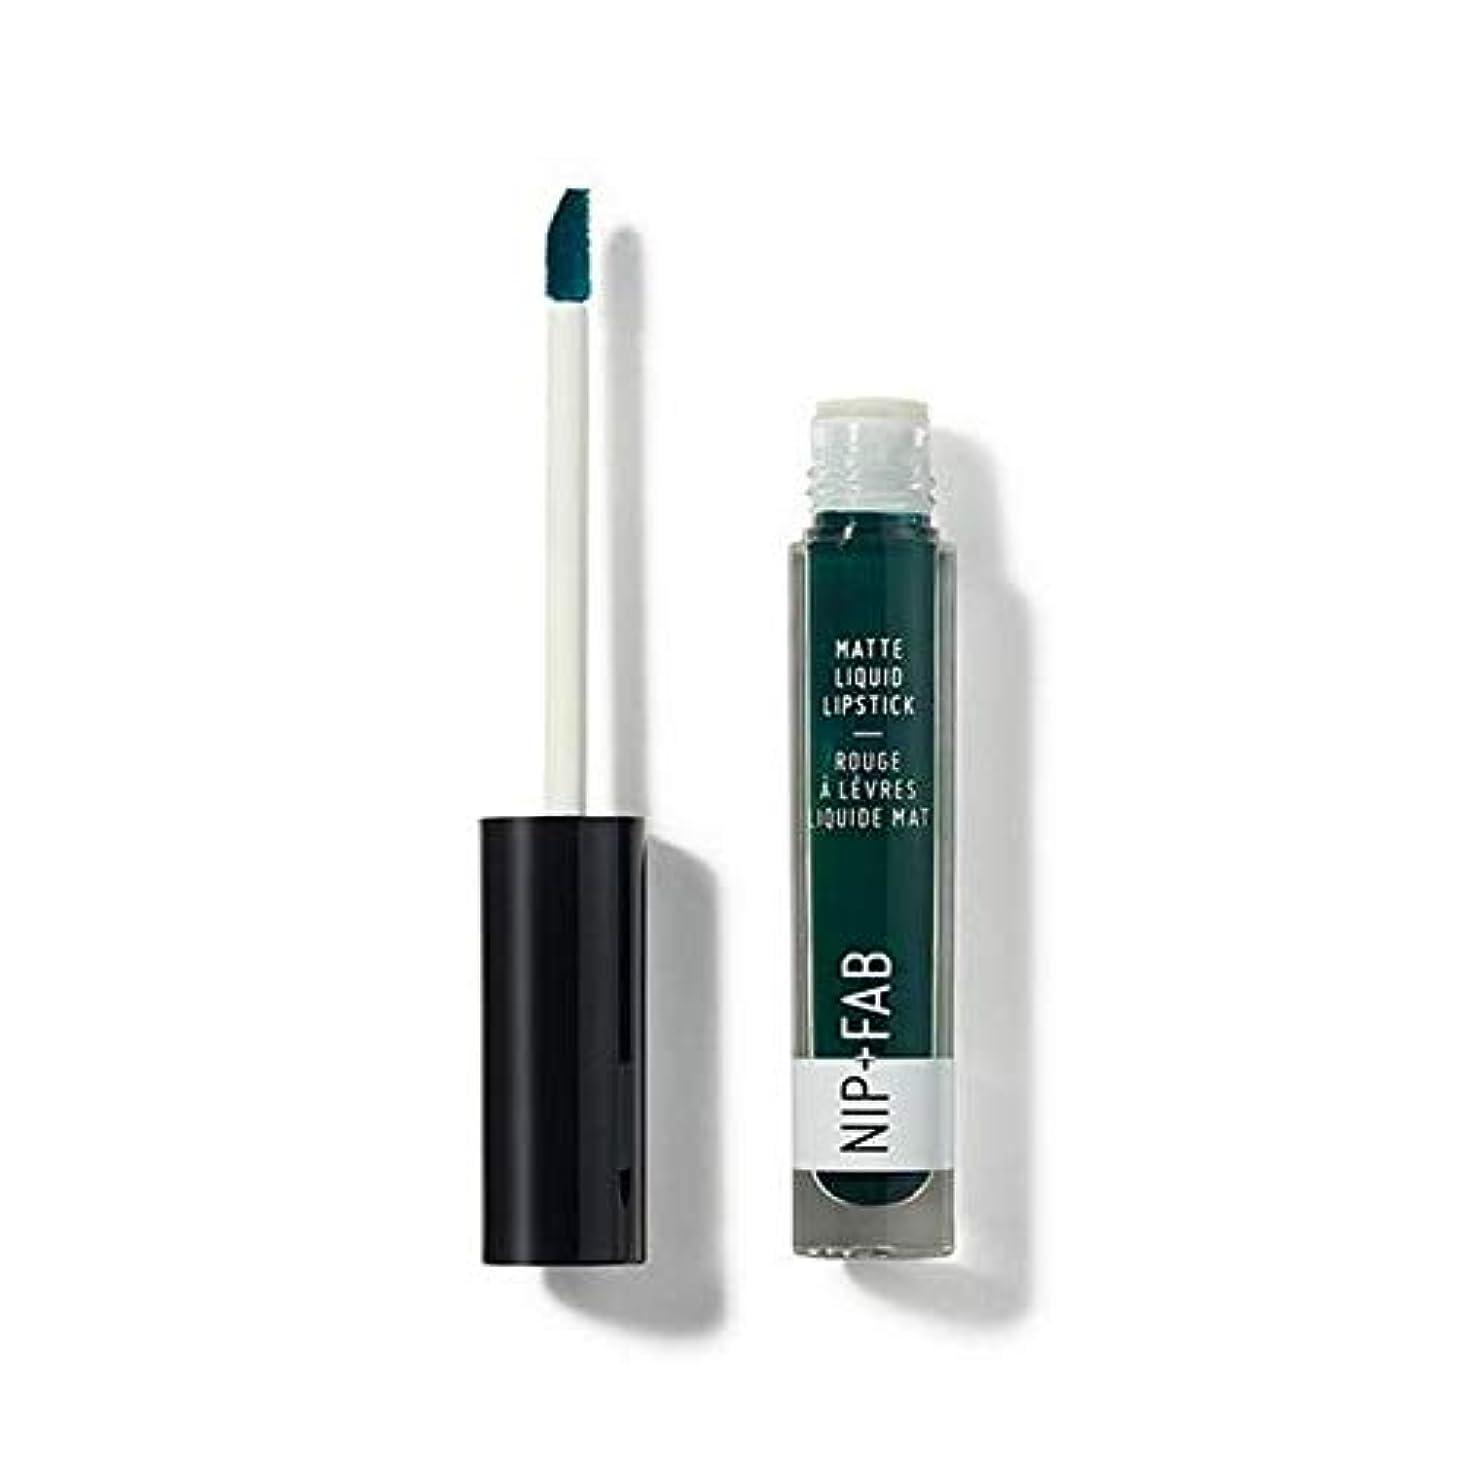 ホームくびれた刺激する[Nip & Fab ] + Fabマット液状口紅クールミント65ニップ - Nip+Fab Matte Liquid Lipstick Cool Mint 65 [並行輸入品]